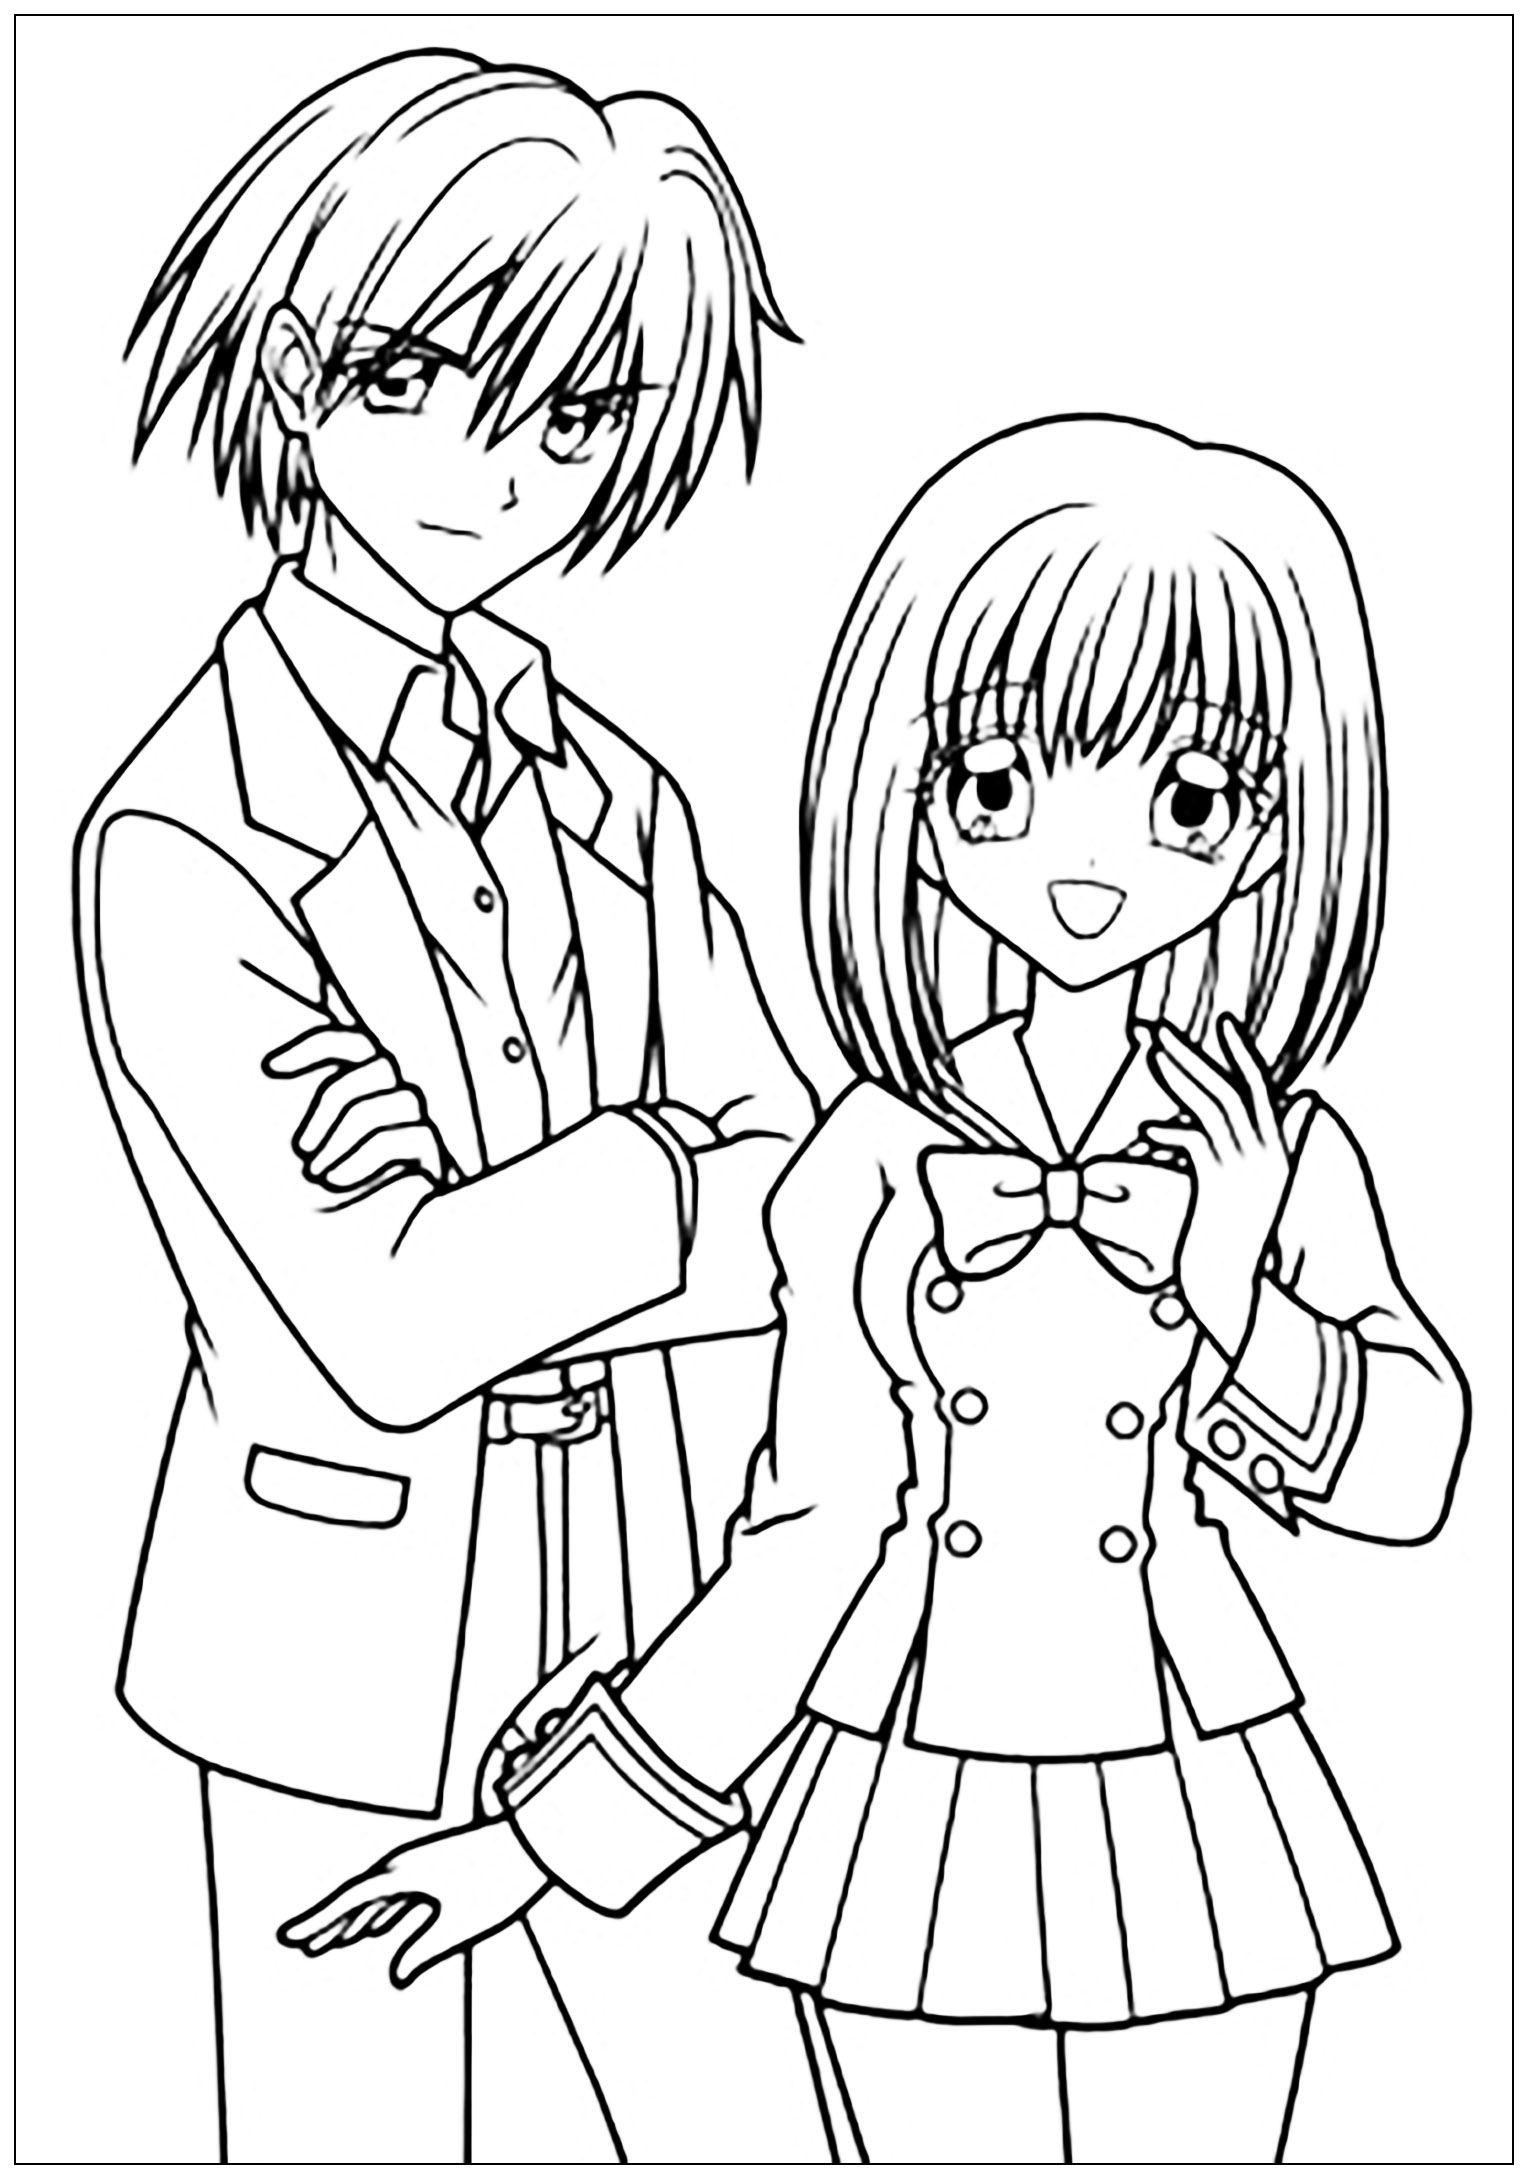 Jeunes écoliers Un Dessins Au Style Manga à Imprimer Et